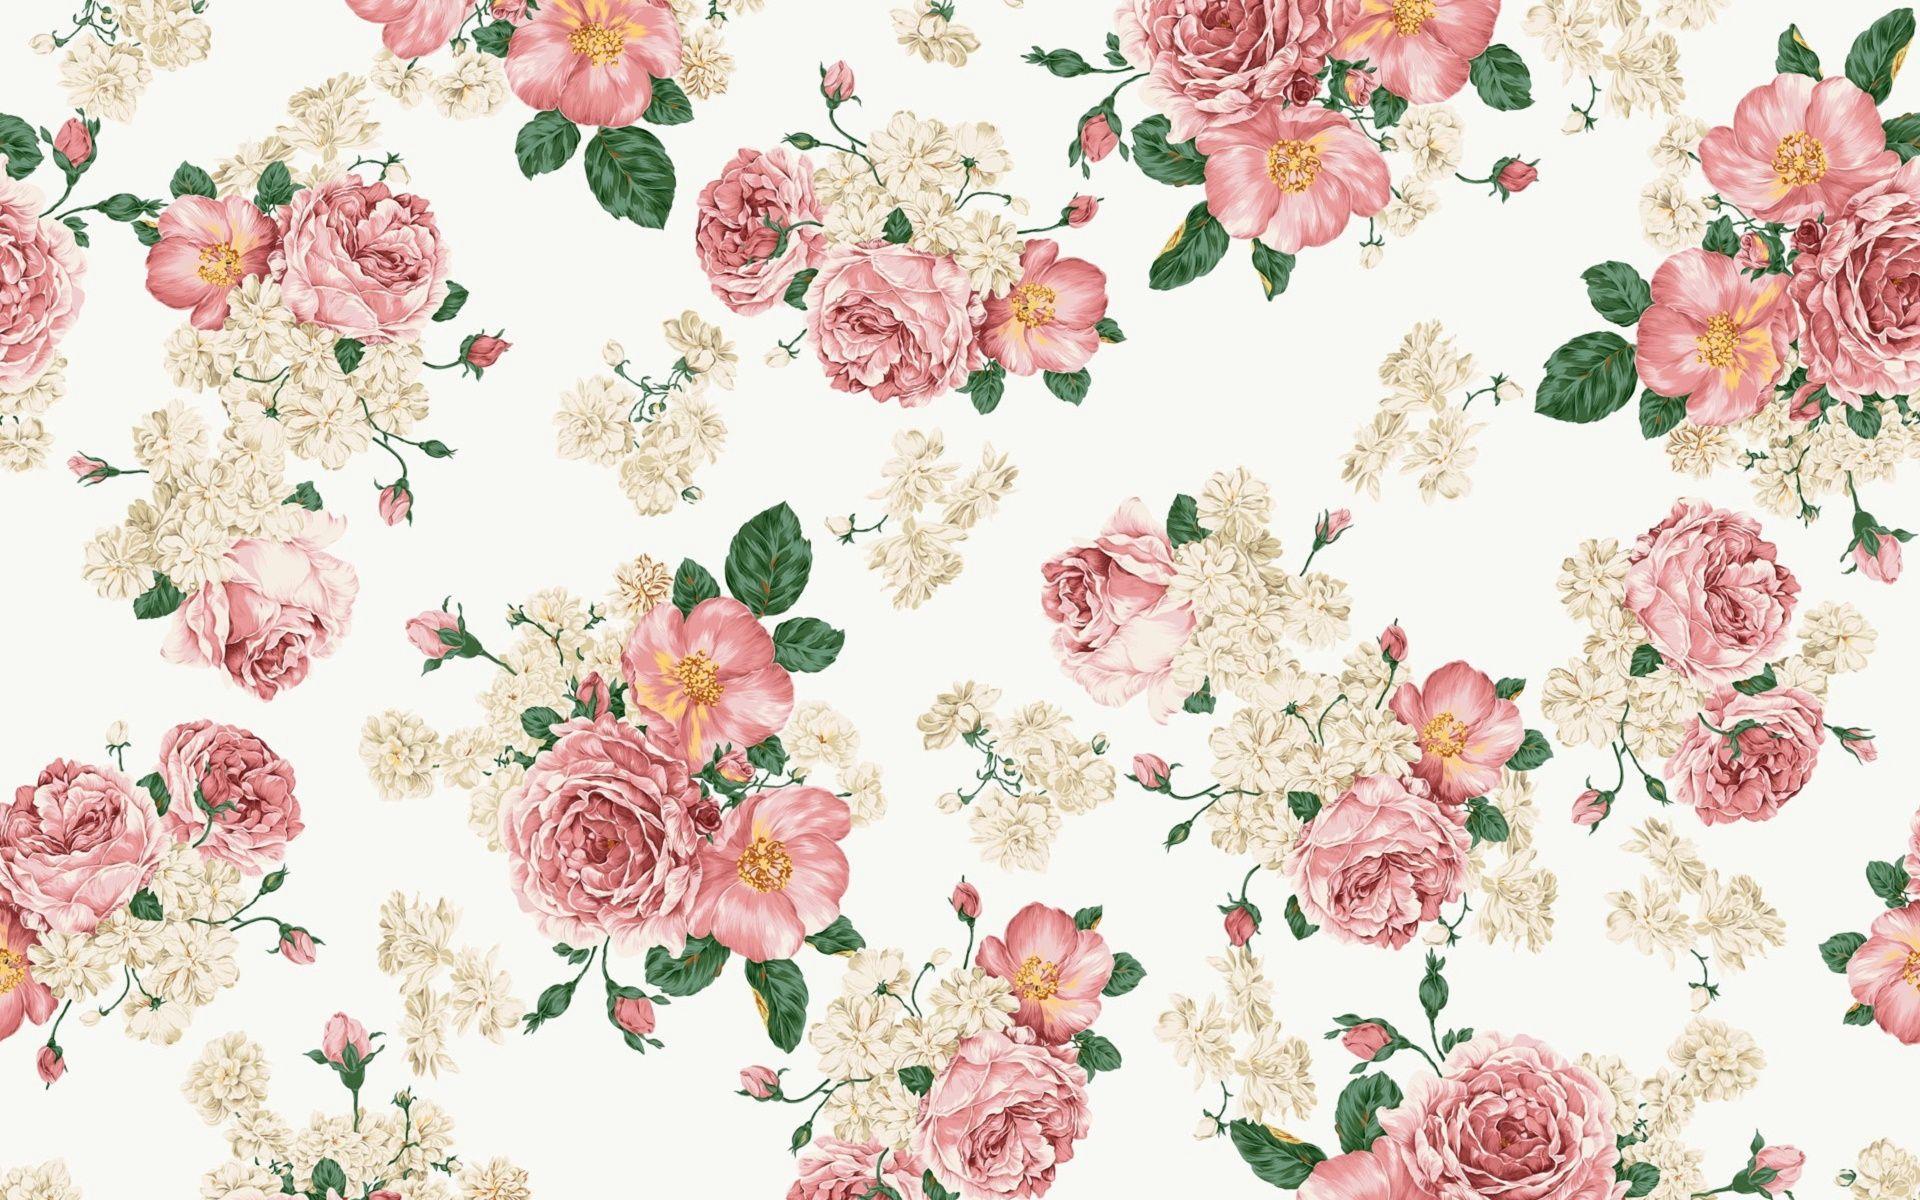 Vintage Floral Wallpaper Hd Vintage Flowers Wallpaper Vintage